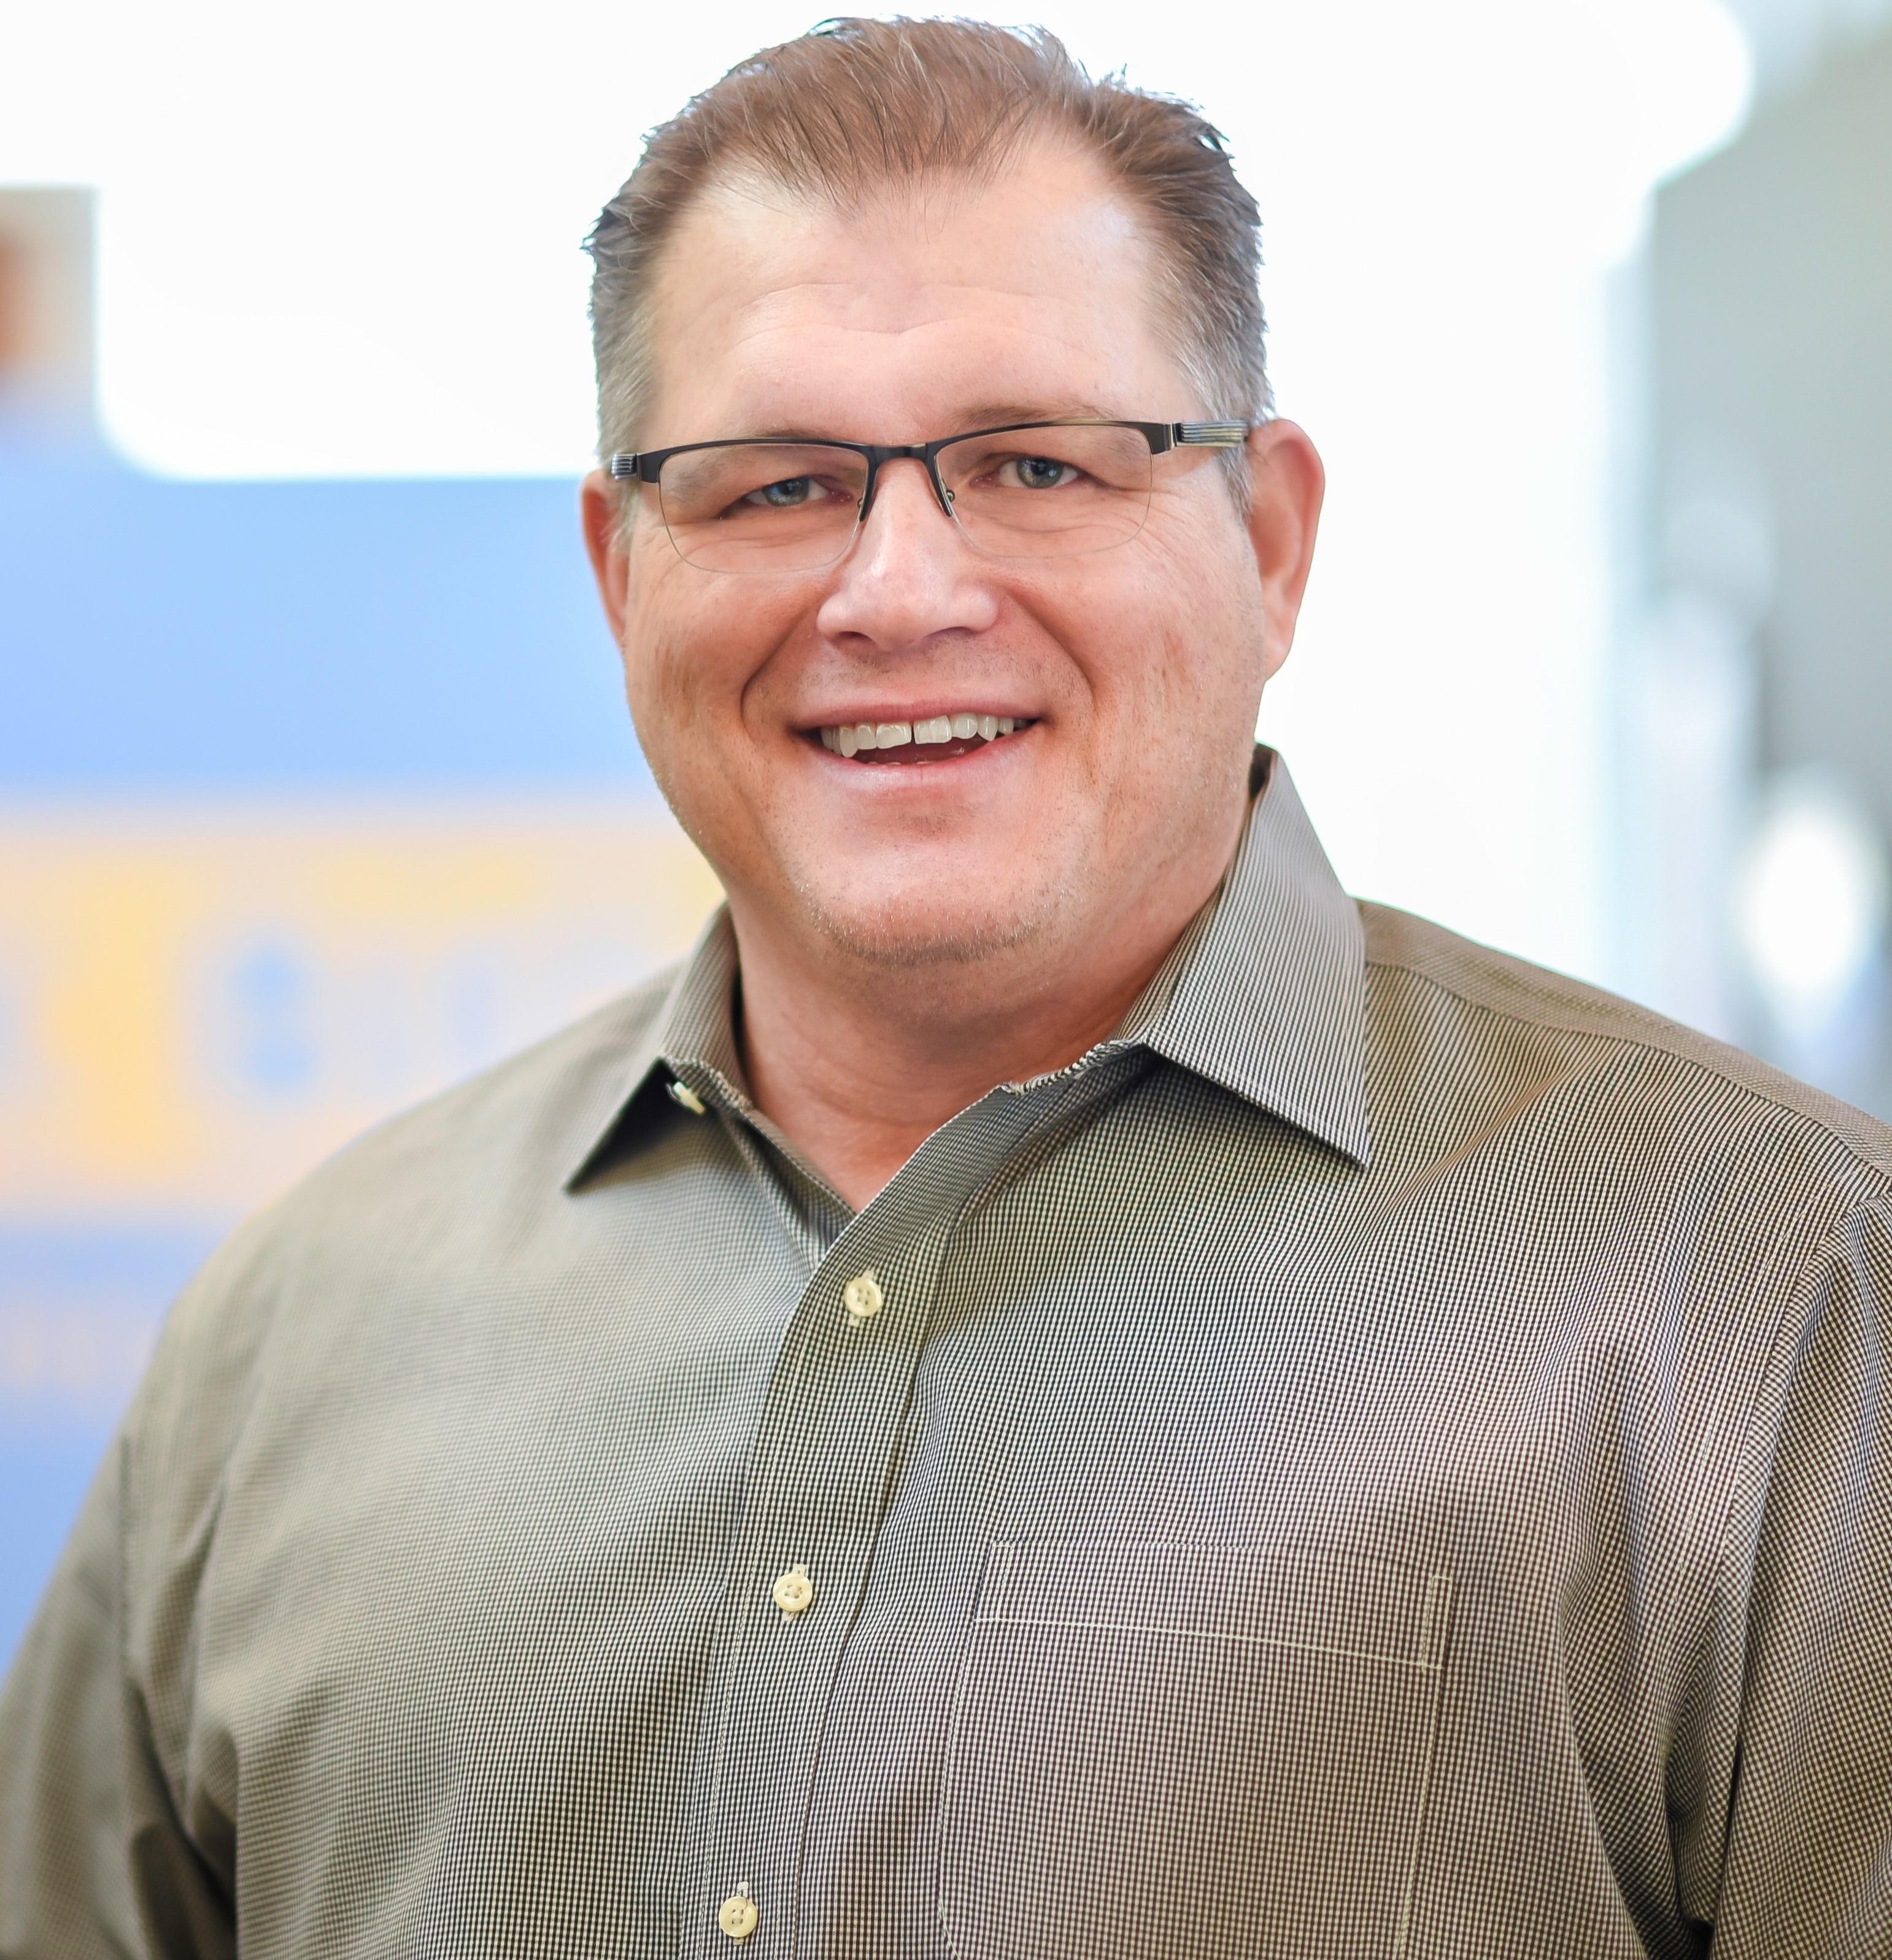 Tim Adkins